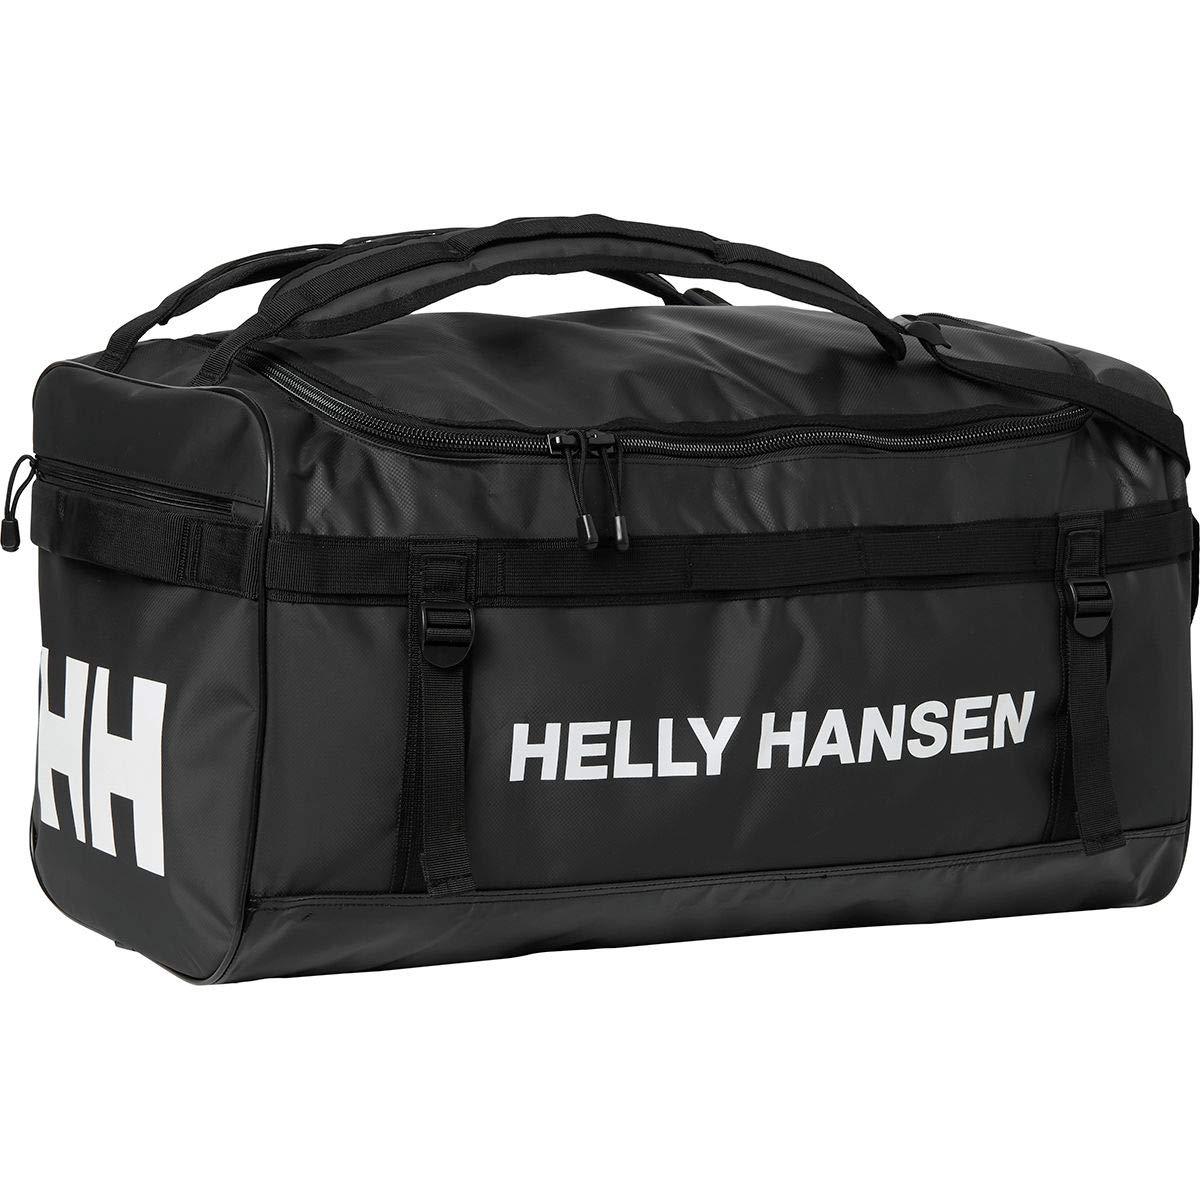 [ヘリーハンセン] メンズ ボストンバッグ Classic 50L Duffel Bag [並行輸入品] No-Size  B07GR7BV4W